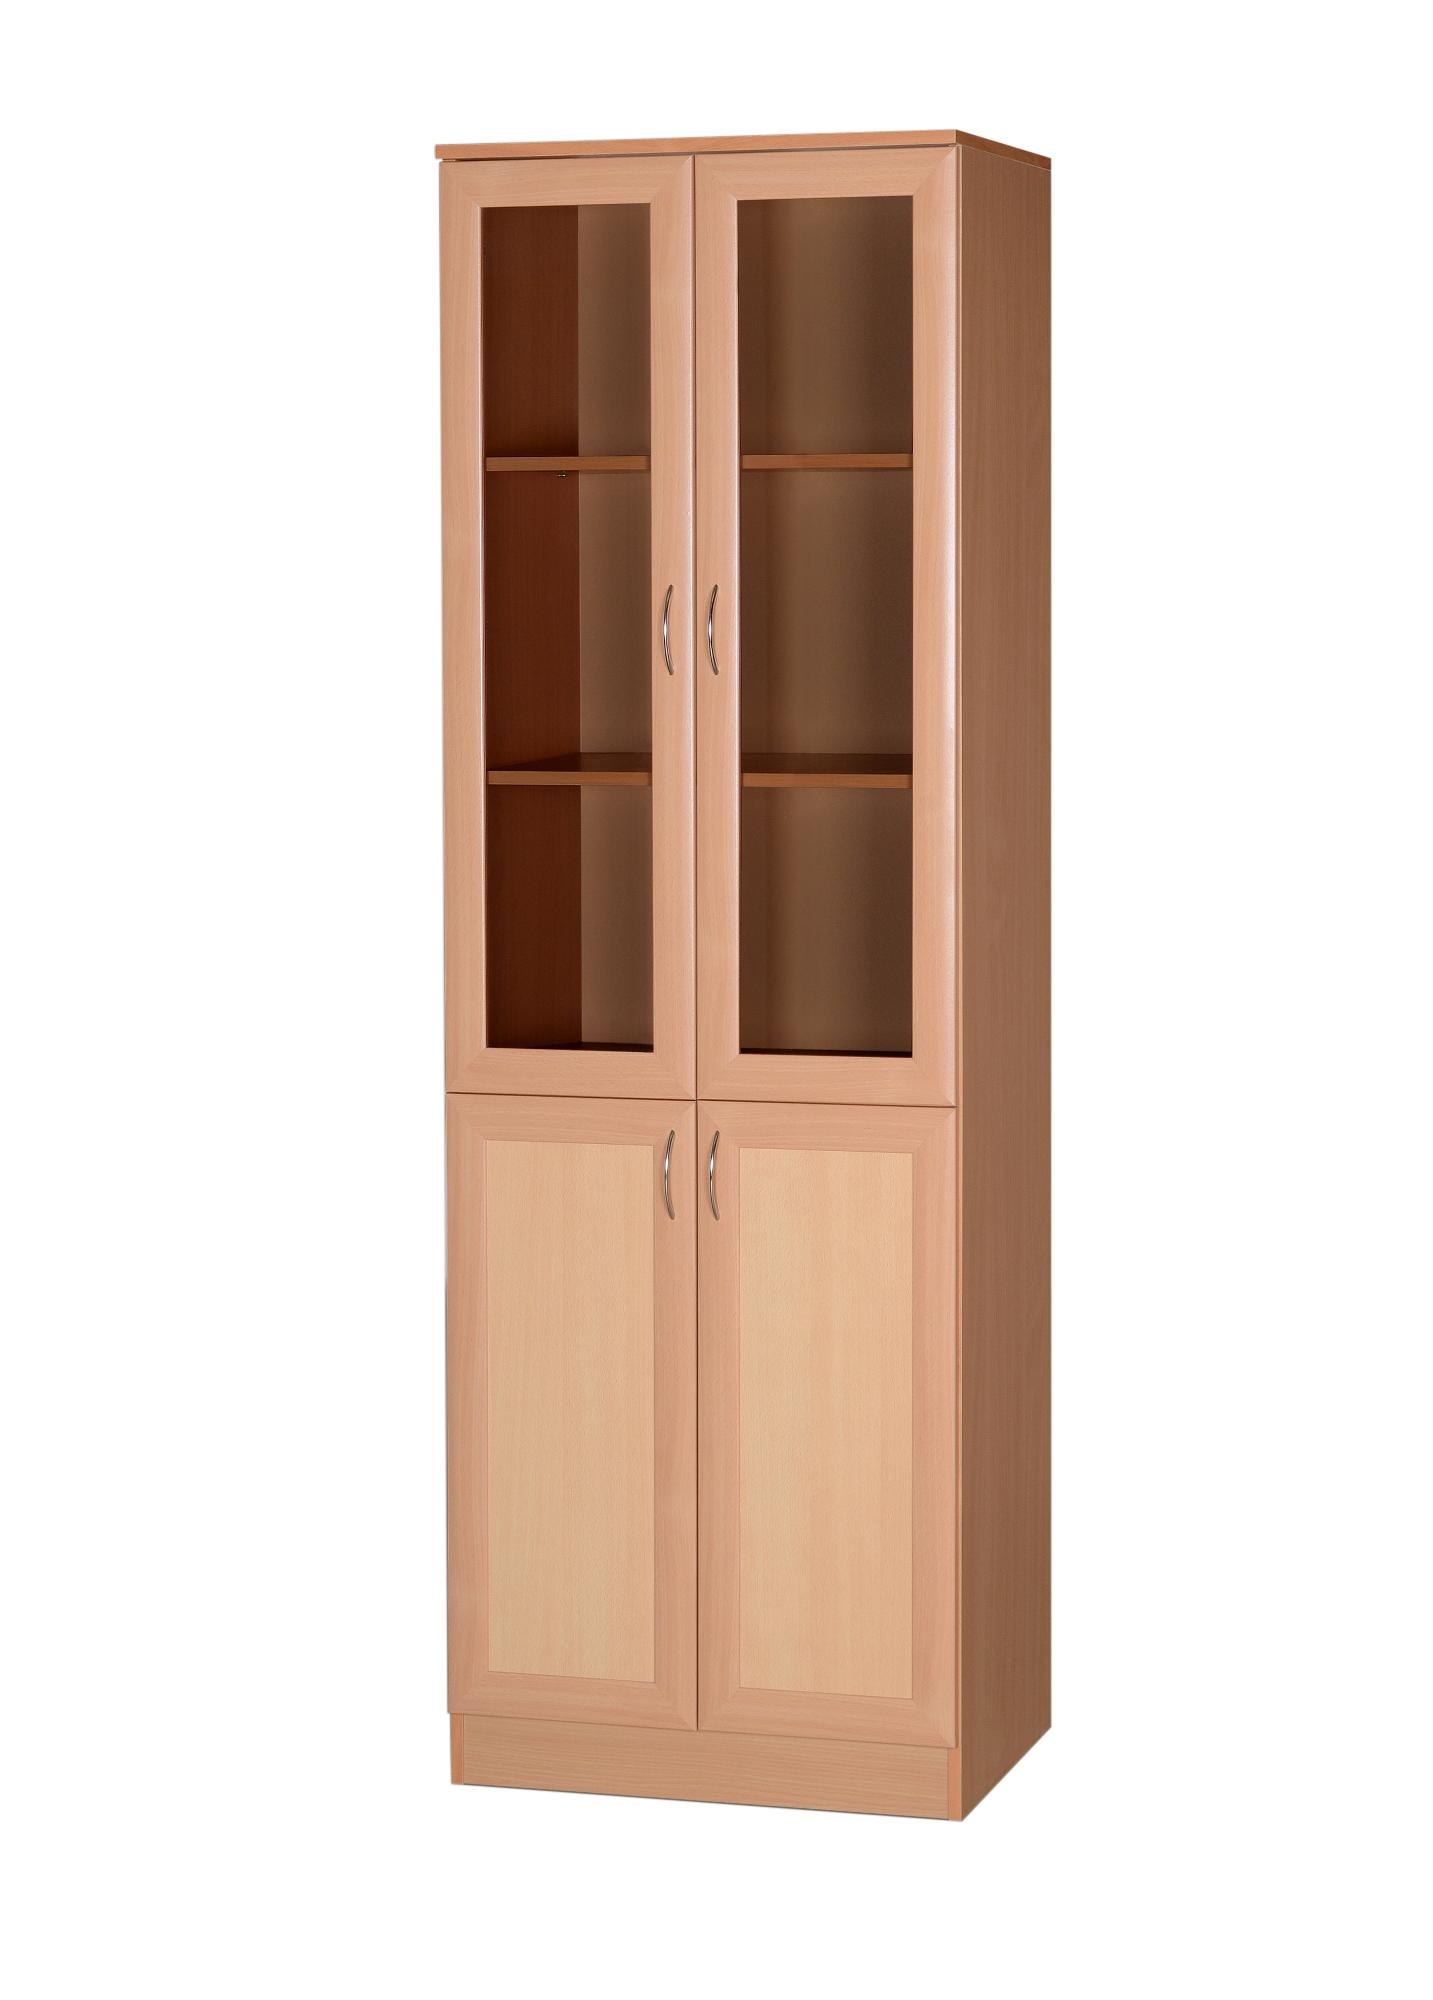 Стеллаж С-3 со стеклом дверка каминная дтк со стеклом